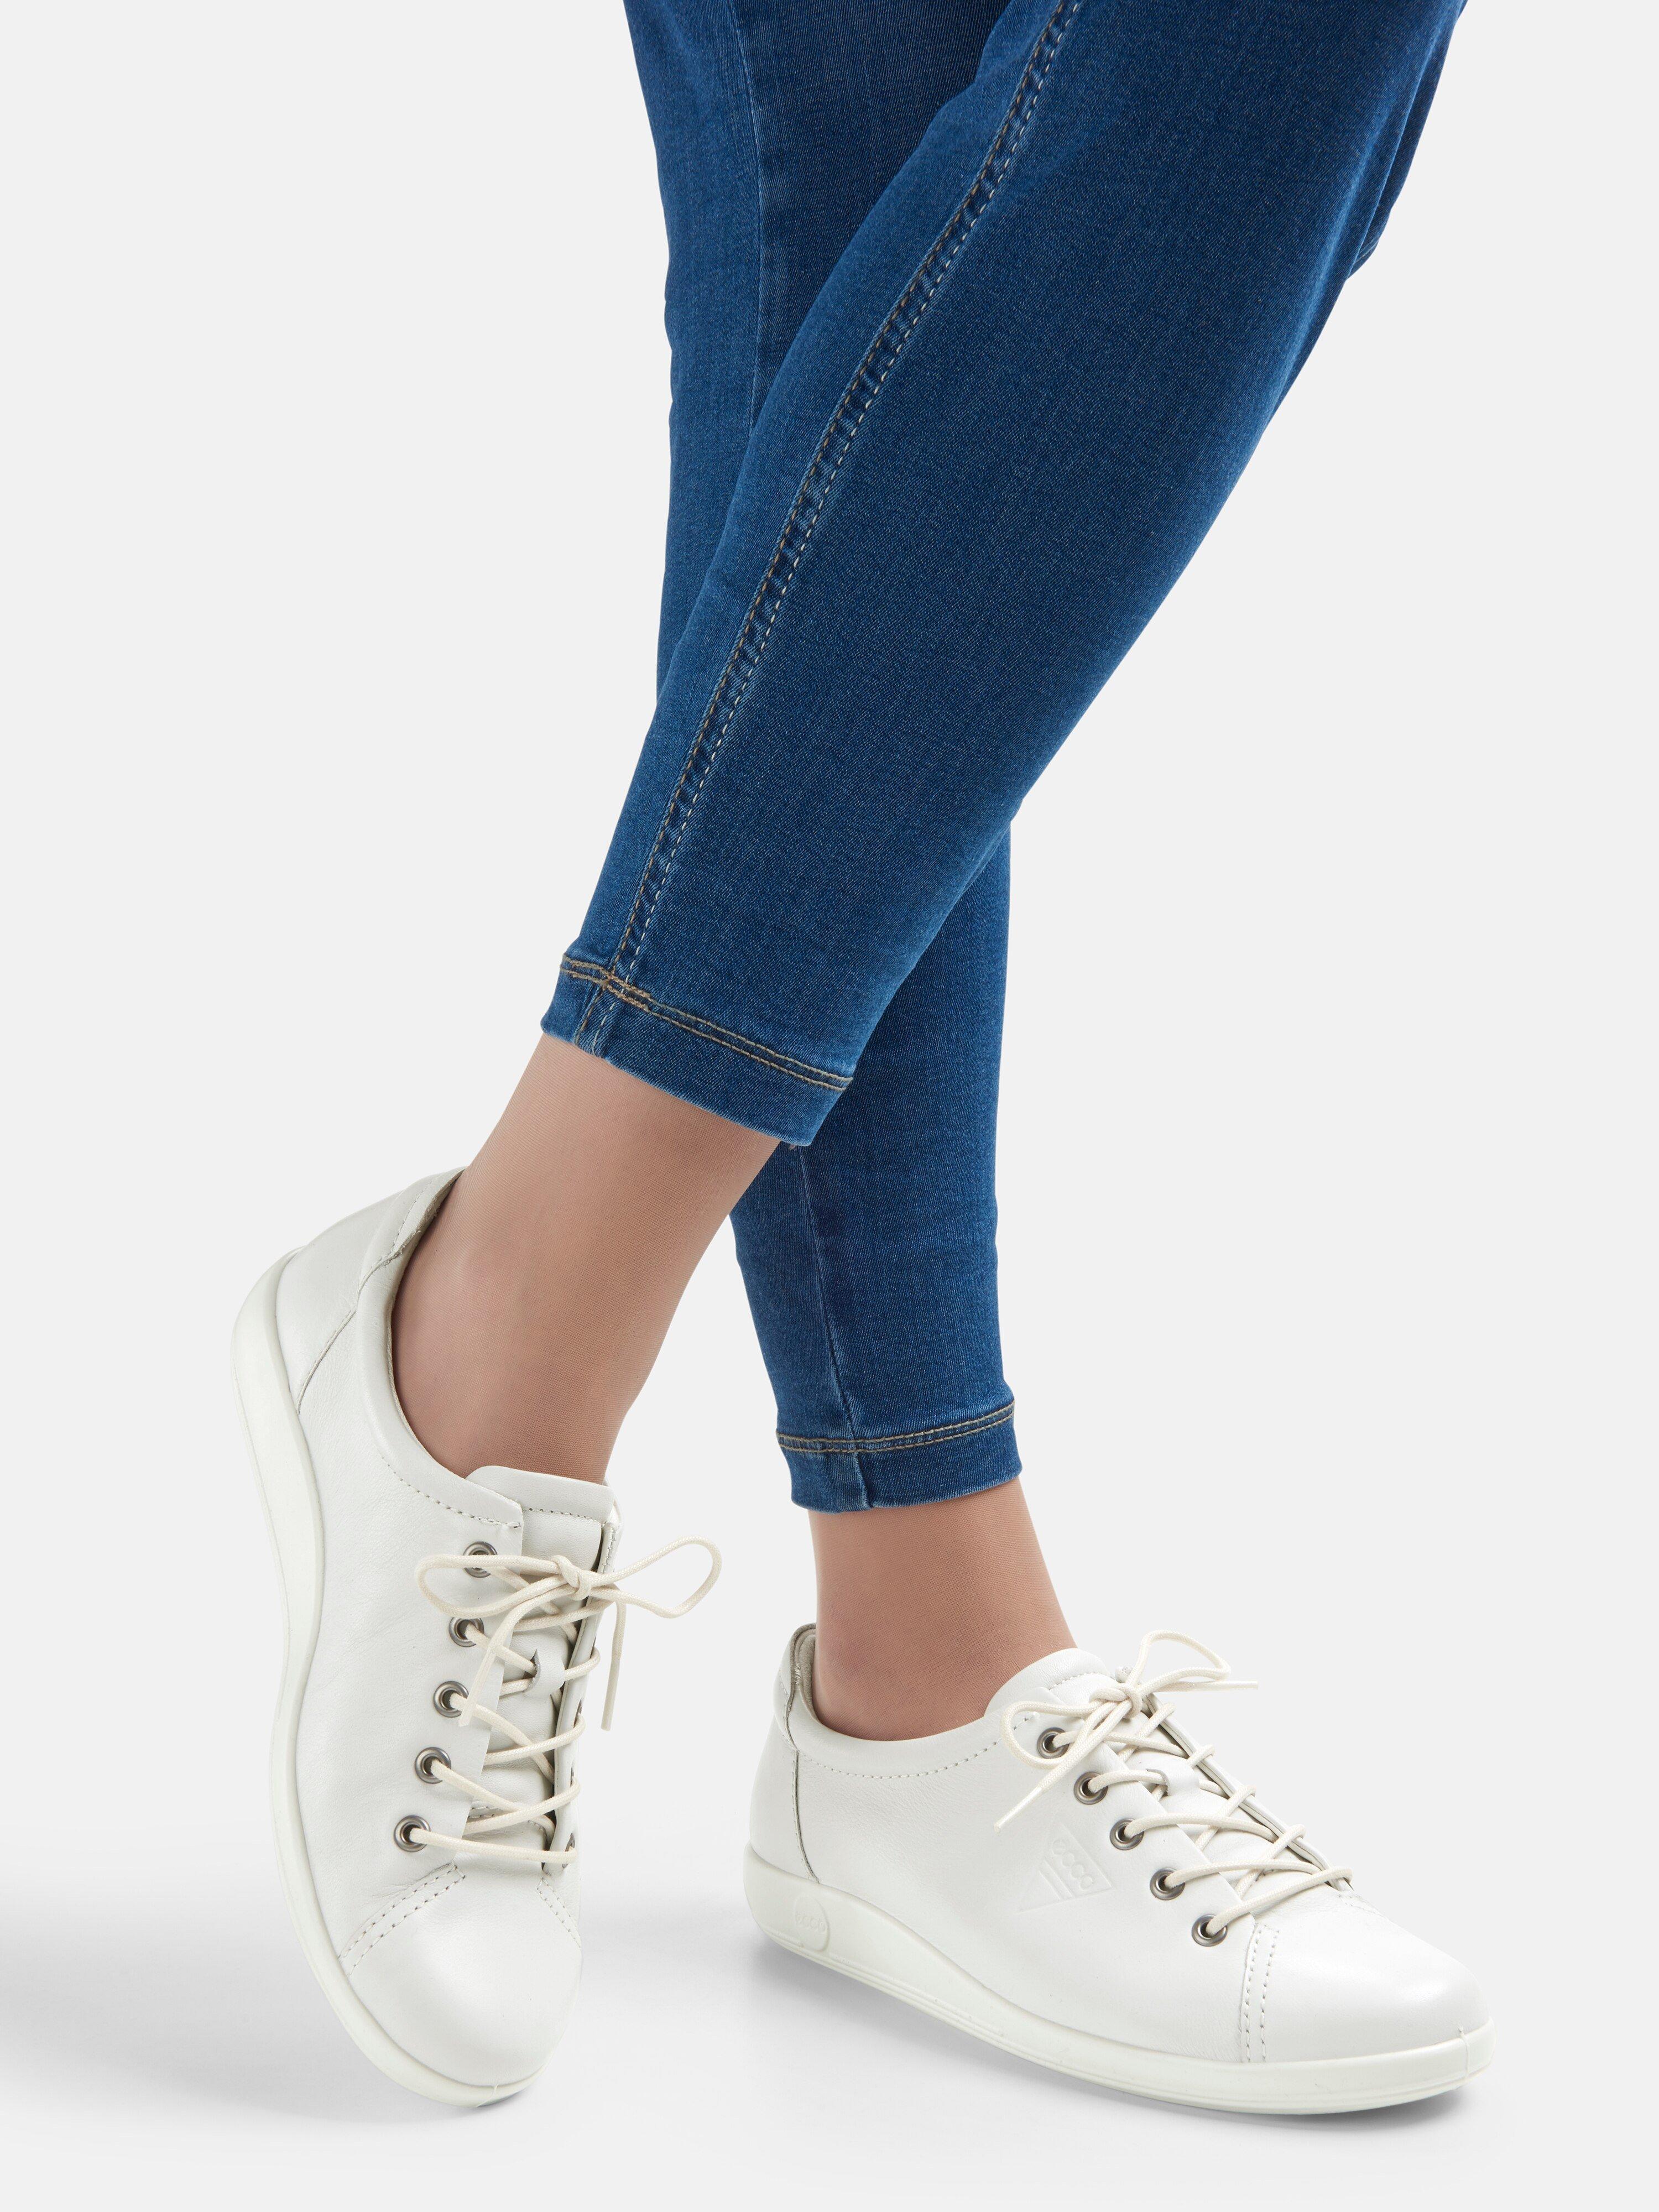 white ecco sneakers